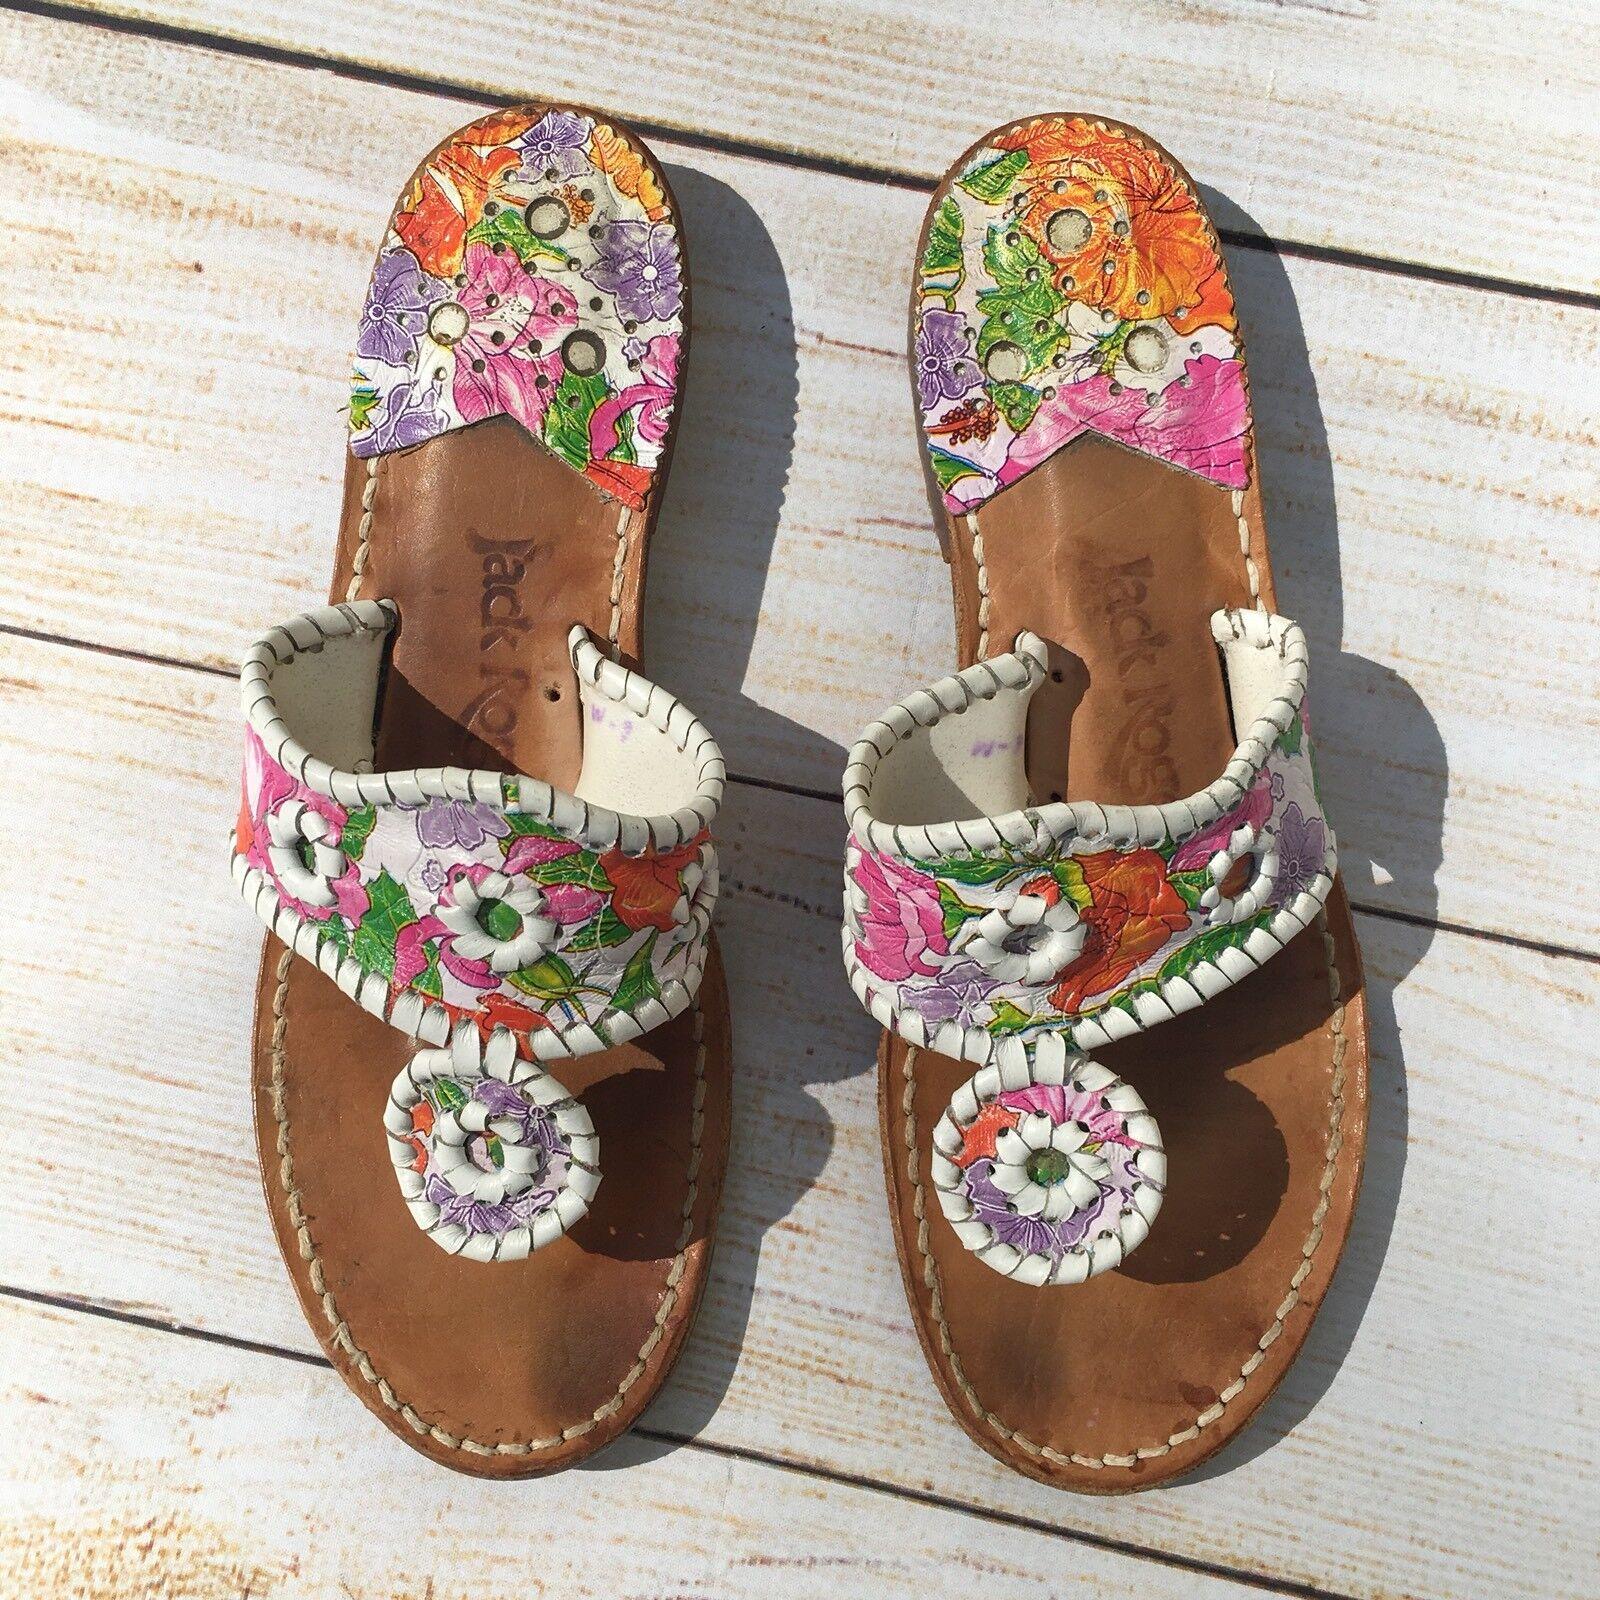 Jack Rogers Floral Leder Thong Sandales WEISS Purple Pink Green Größe 6